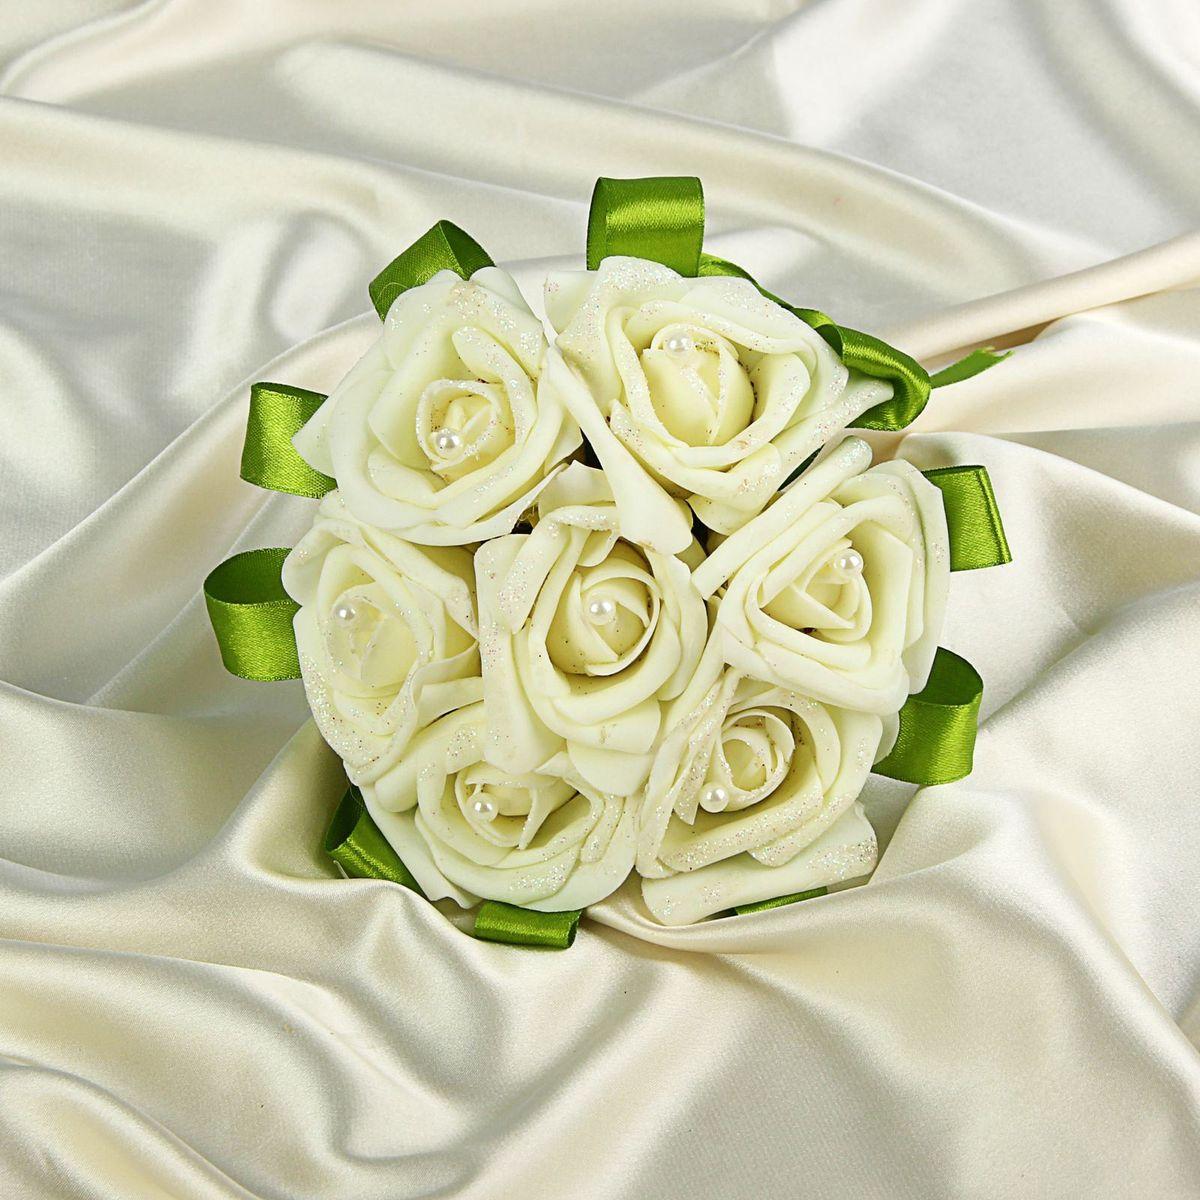 Букет-дублер Sima-land, цвет: белый. 1270821MB860Добавьте в интерьер частичку весны! Дублер букета невесты 7 роз айвори будет радовать неувядающей красотой не один год. Просто поставьте его в вазу или создайте пышную композицию.Искусственные растения не требуют поливки, особого освещения и другого специального ухода. Они украсят любое помещение (например, ванную с повышенной влажностью или затемнённый коридор).Дом становится уютным благодаря мелочам. Преобразите интерьер, а вместе с ним улучшится и настроение!